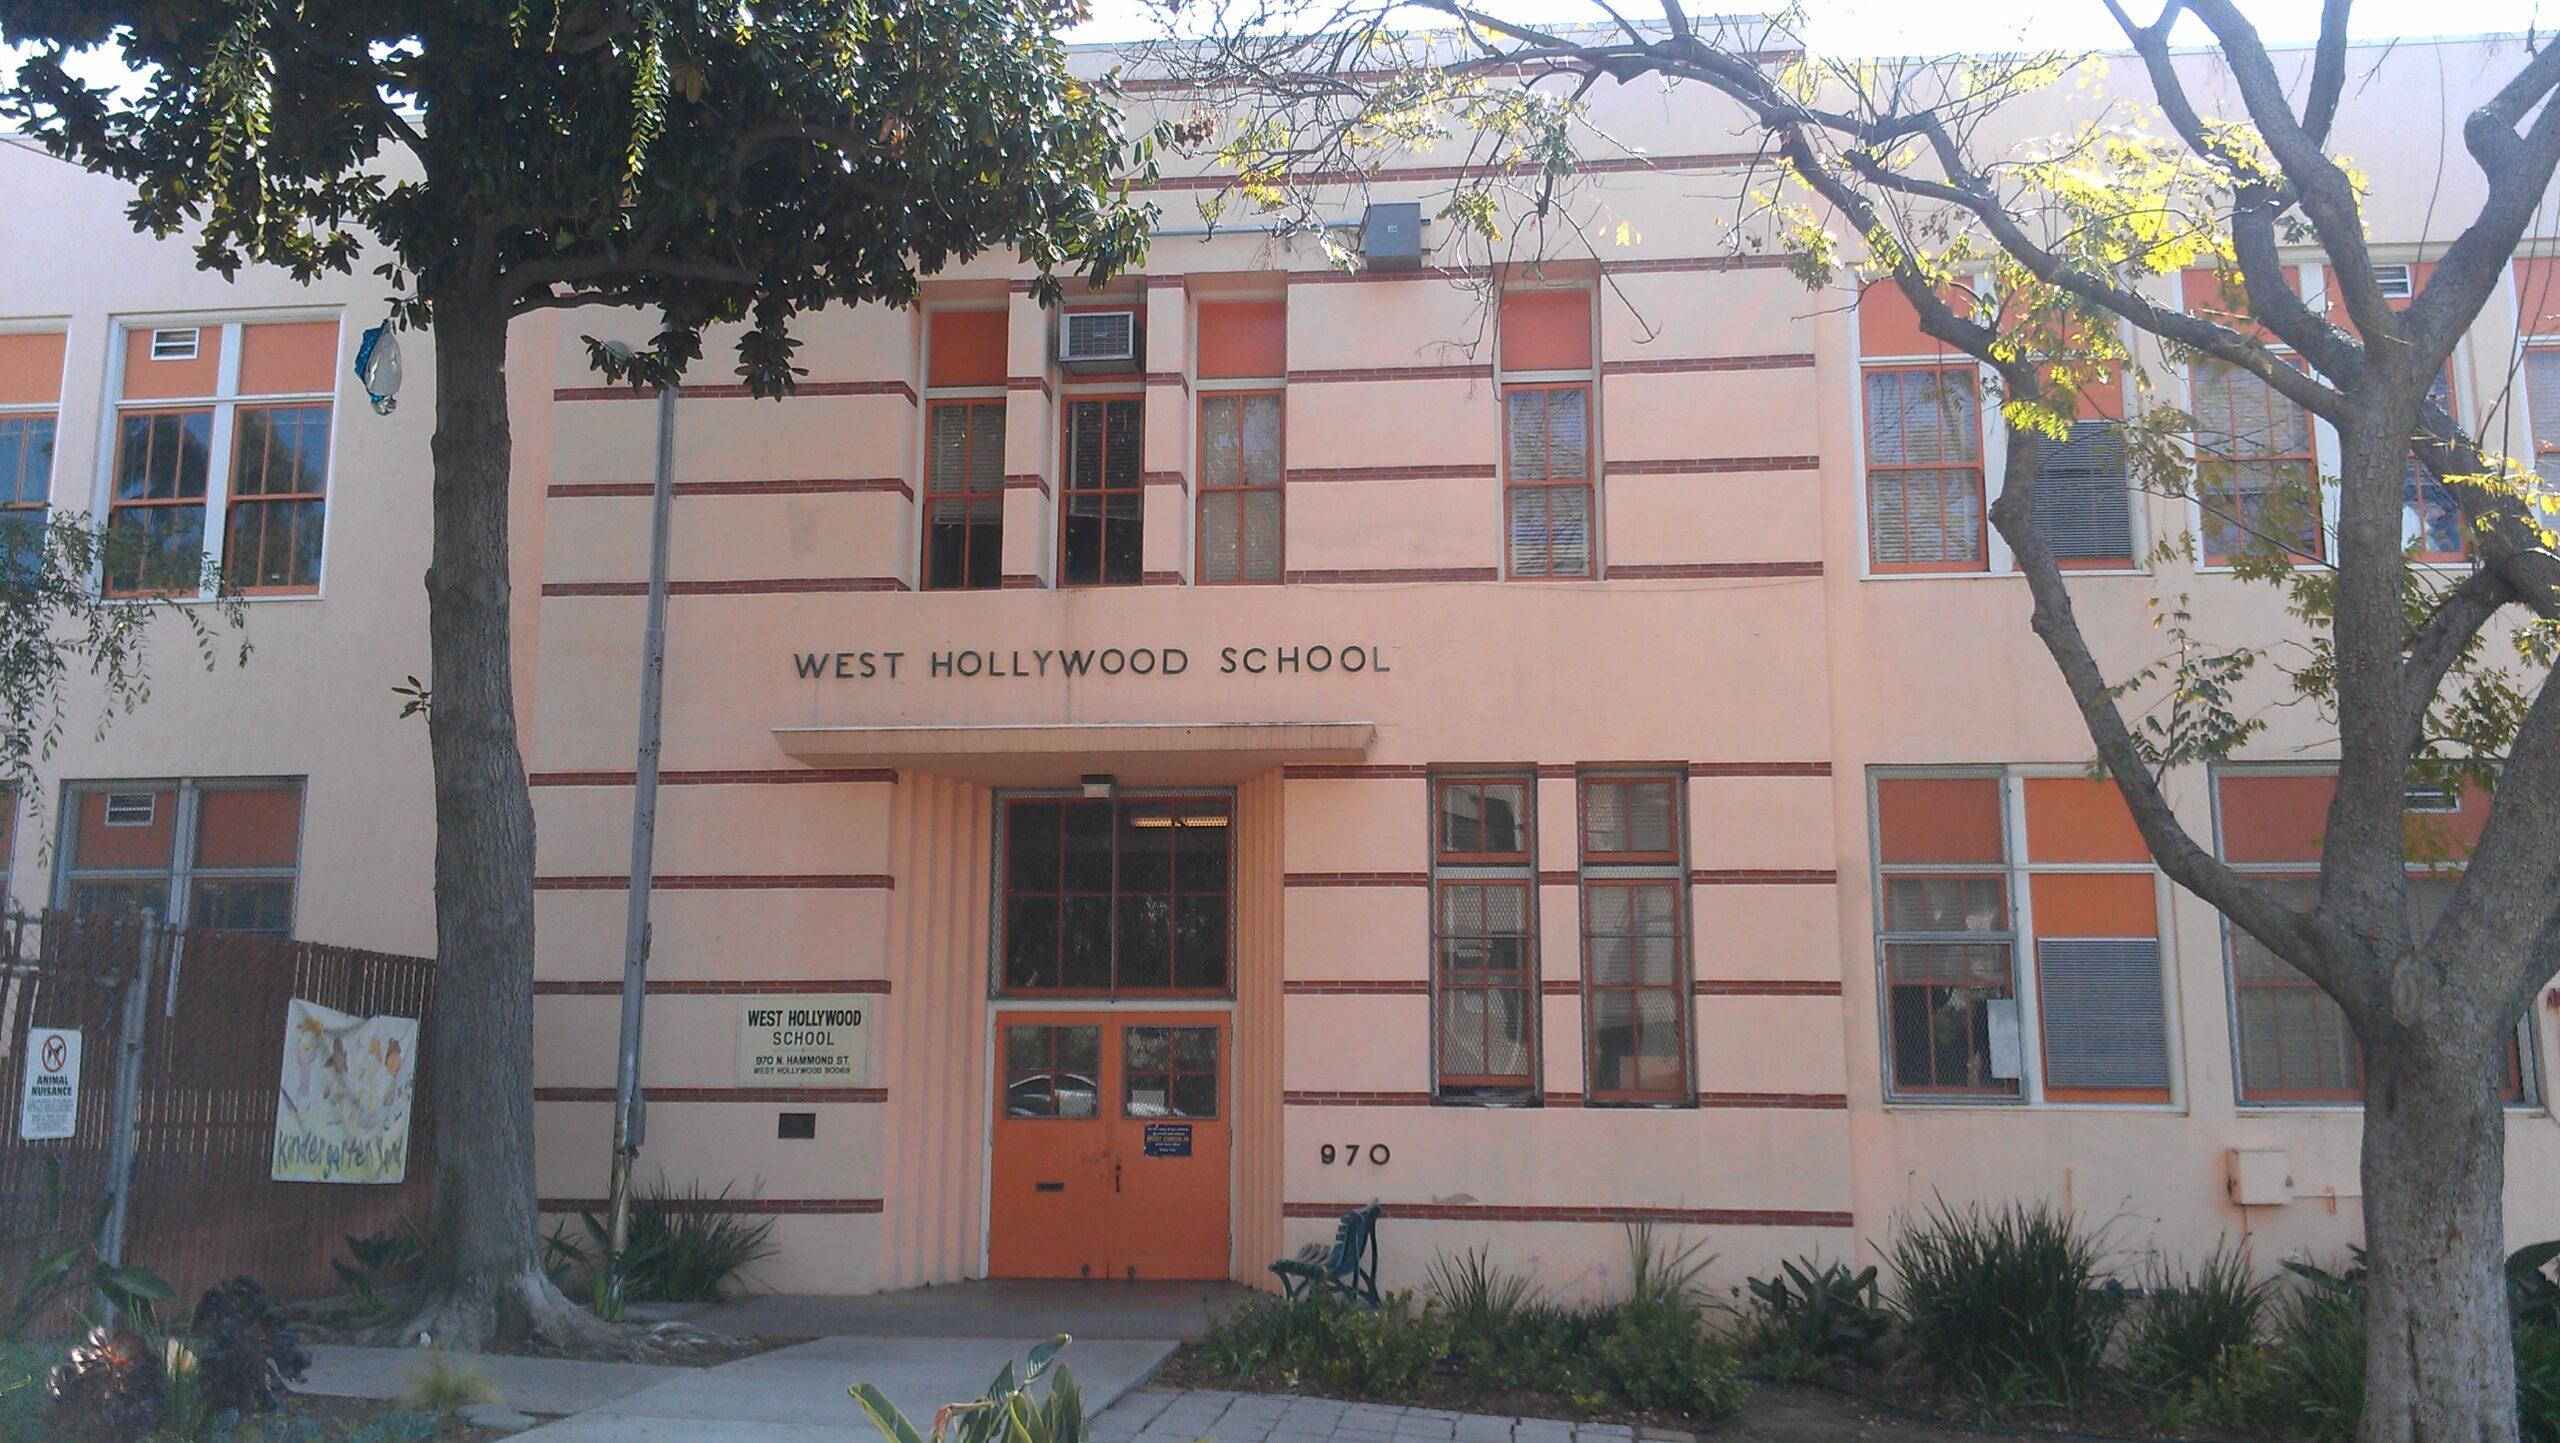 West Hollywood Elementary School